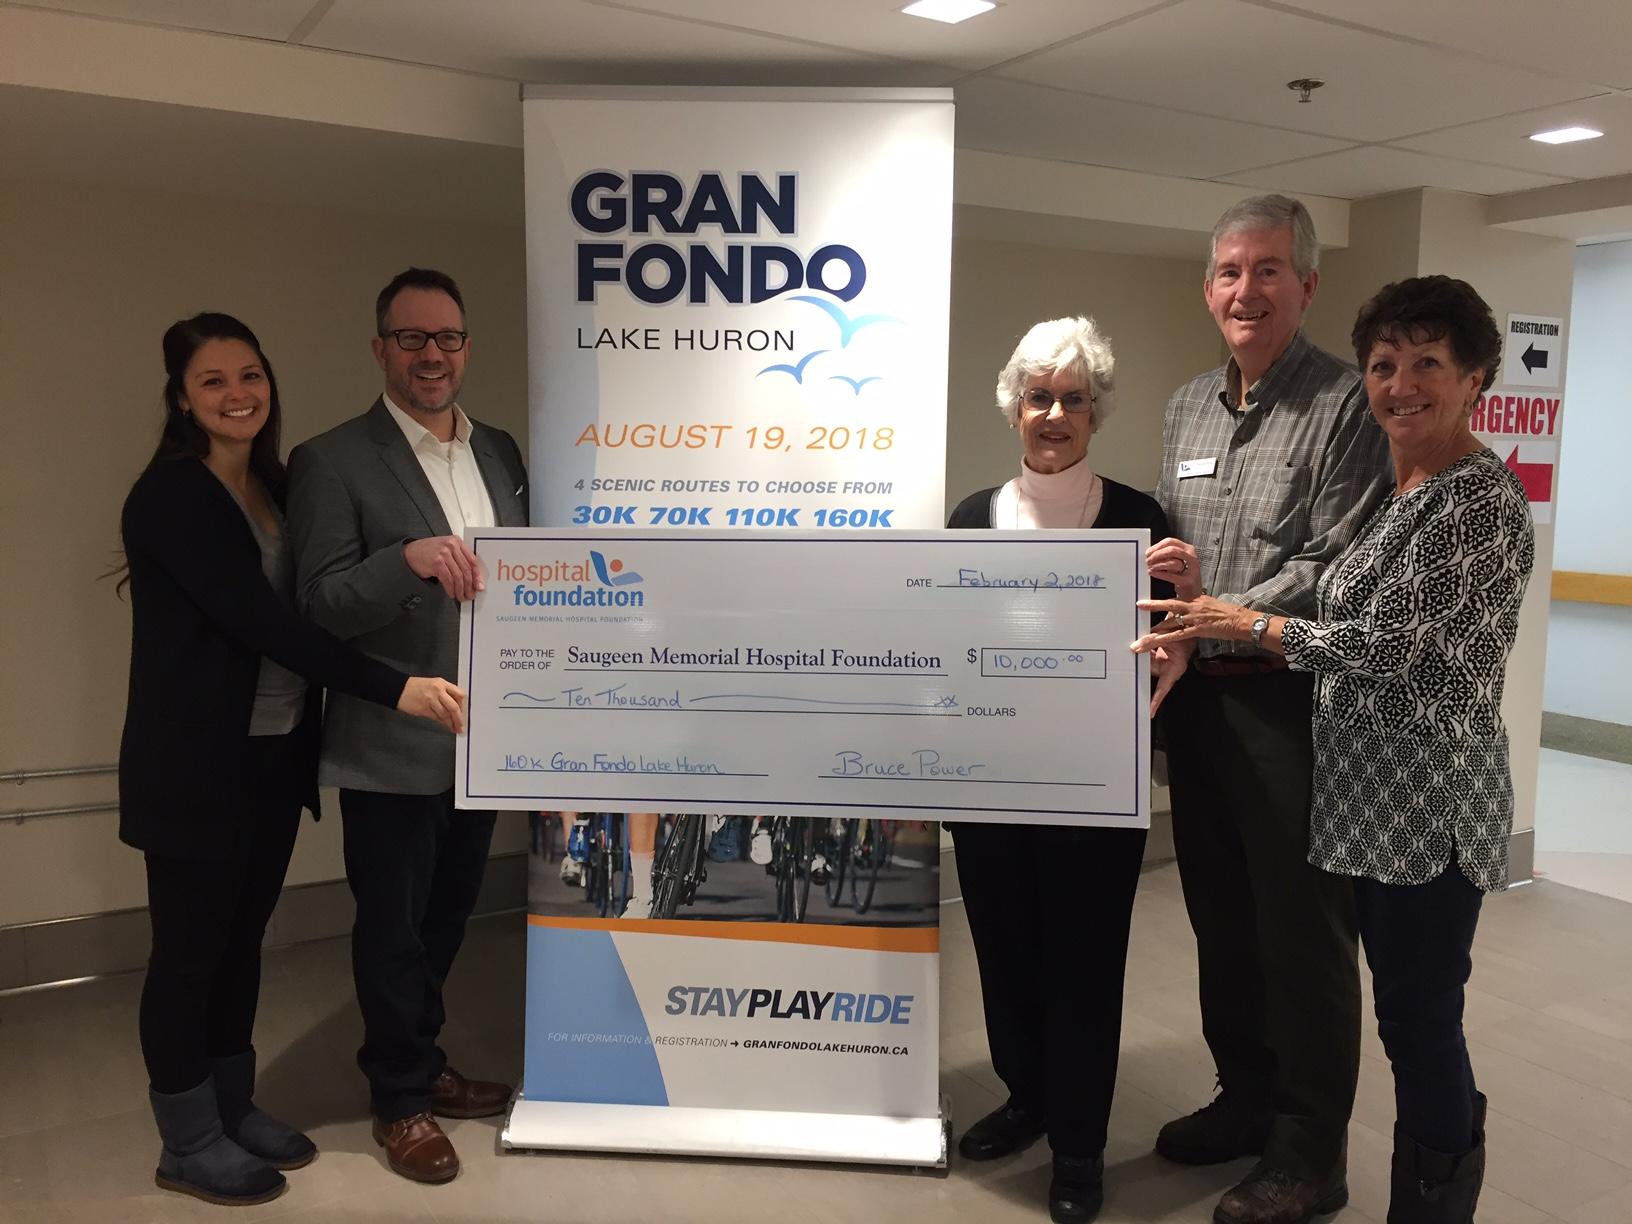 Gran Fondo donation